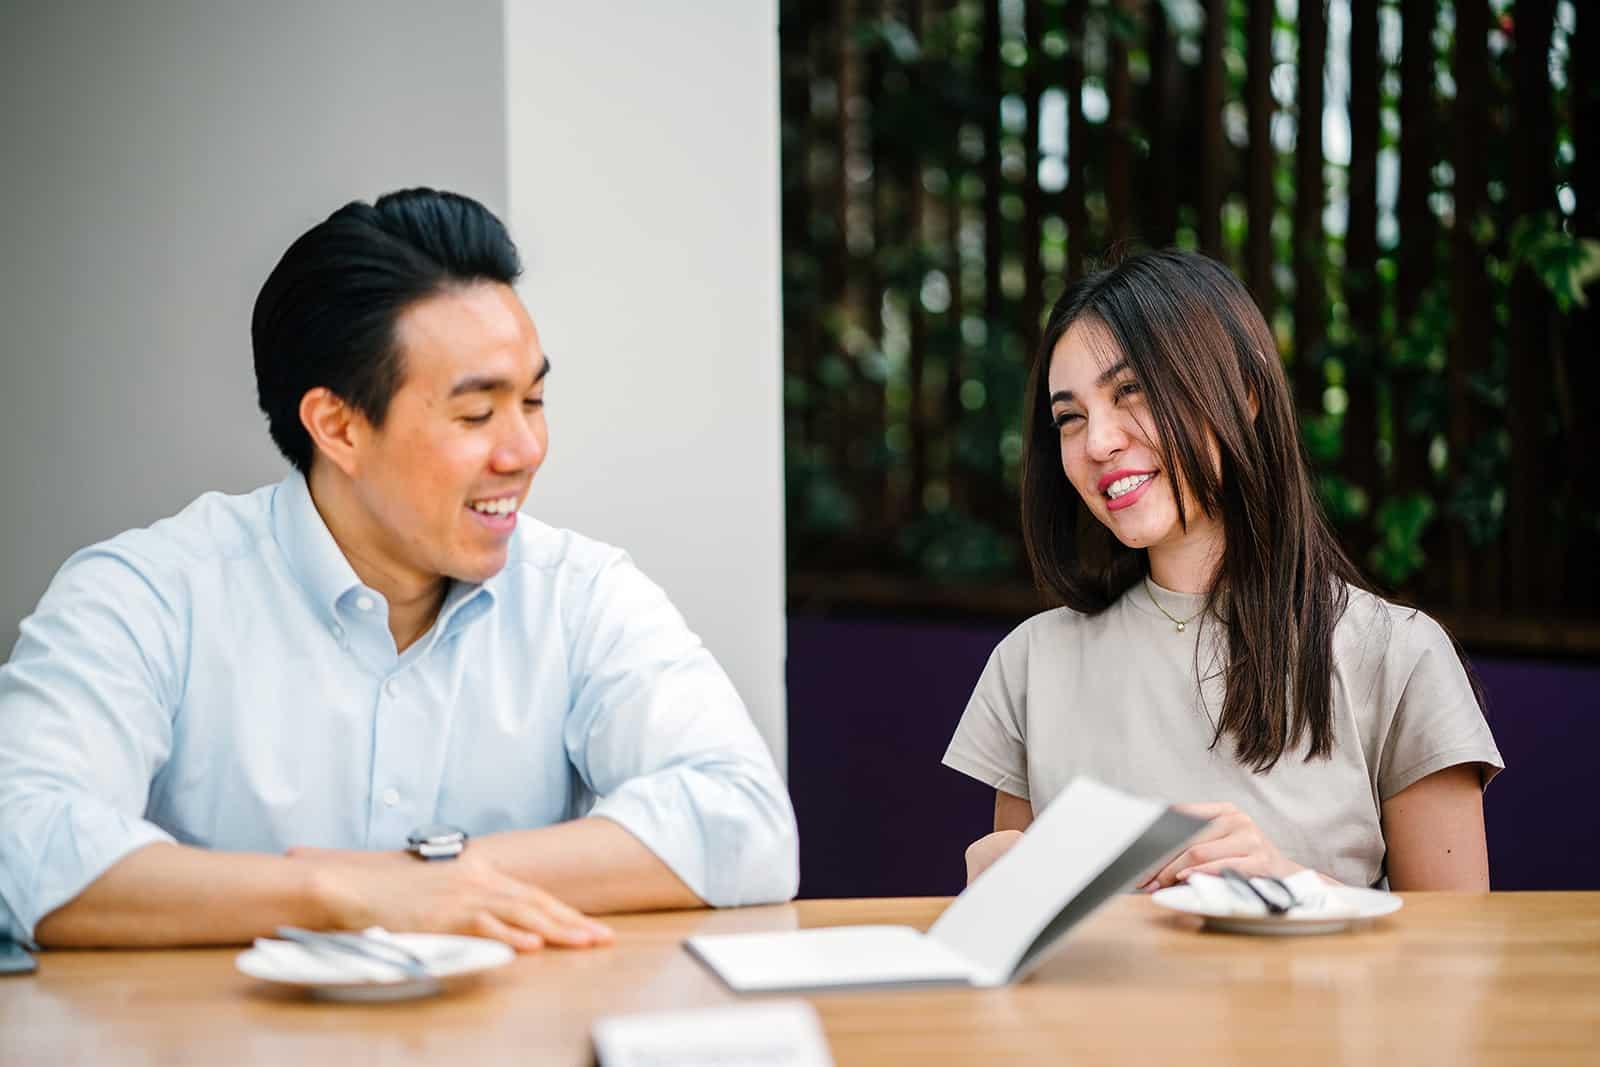 Une femme aimable parlant avec un collègue assis à la table ensemble